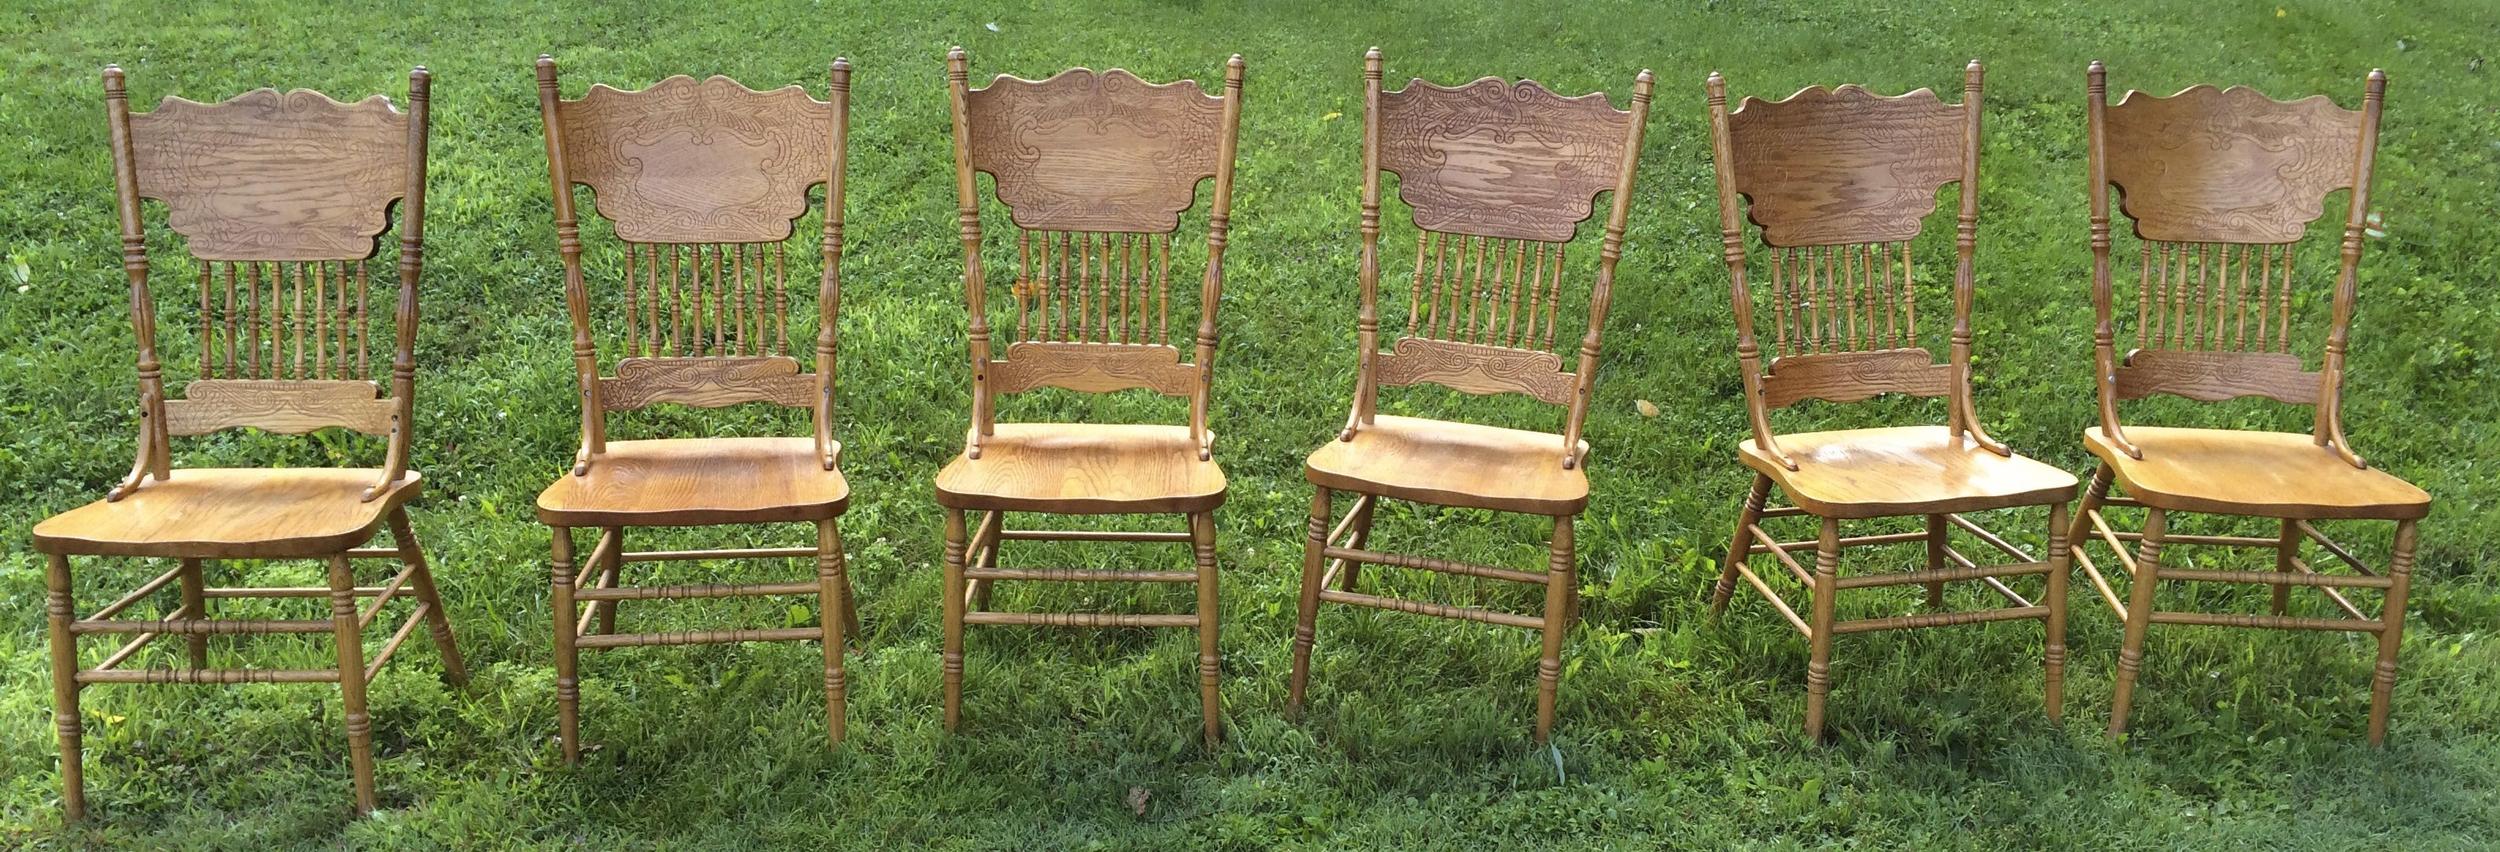 6 Chairs Neutral crop.jpg